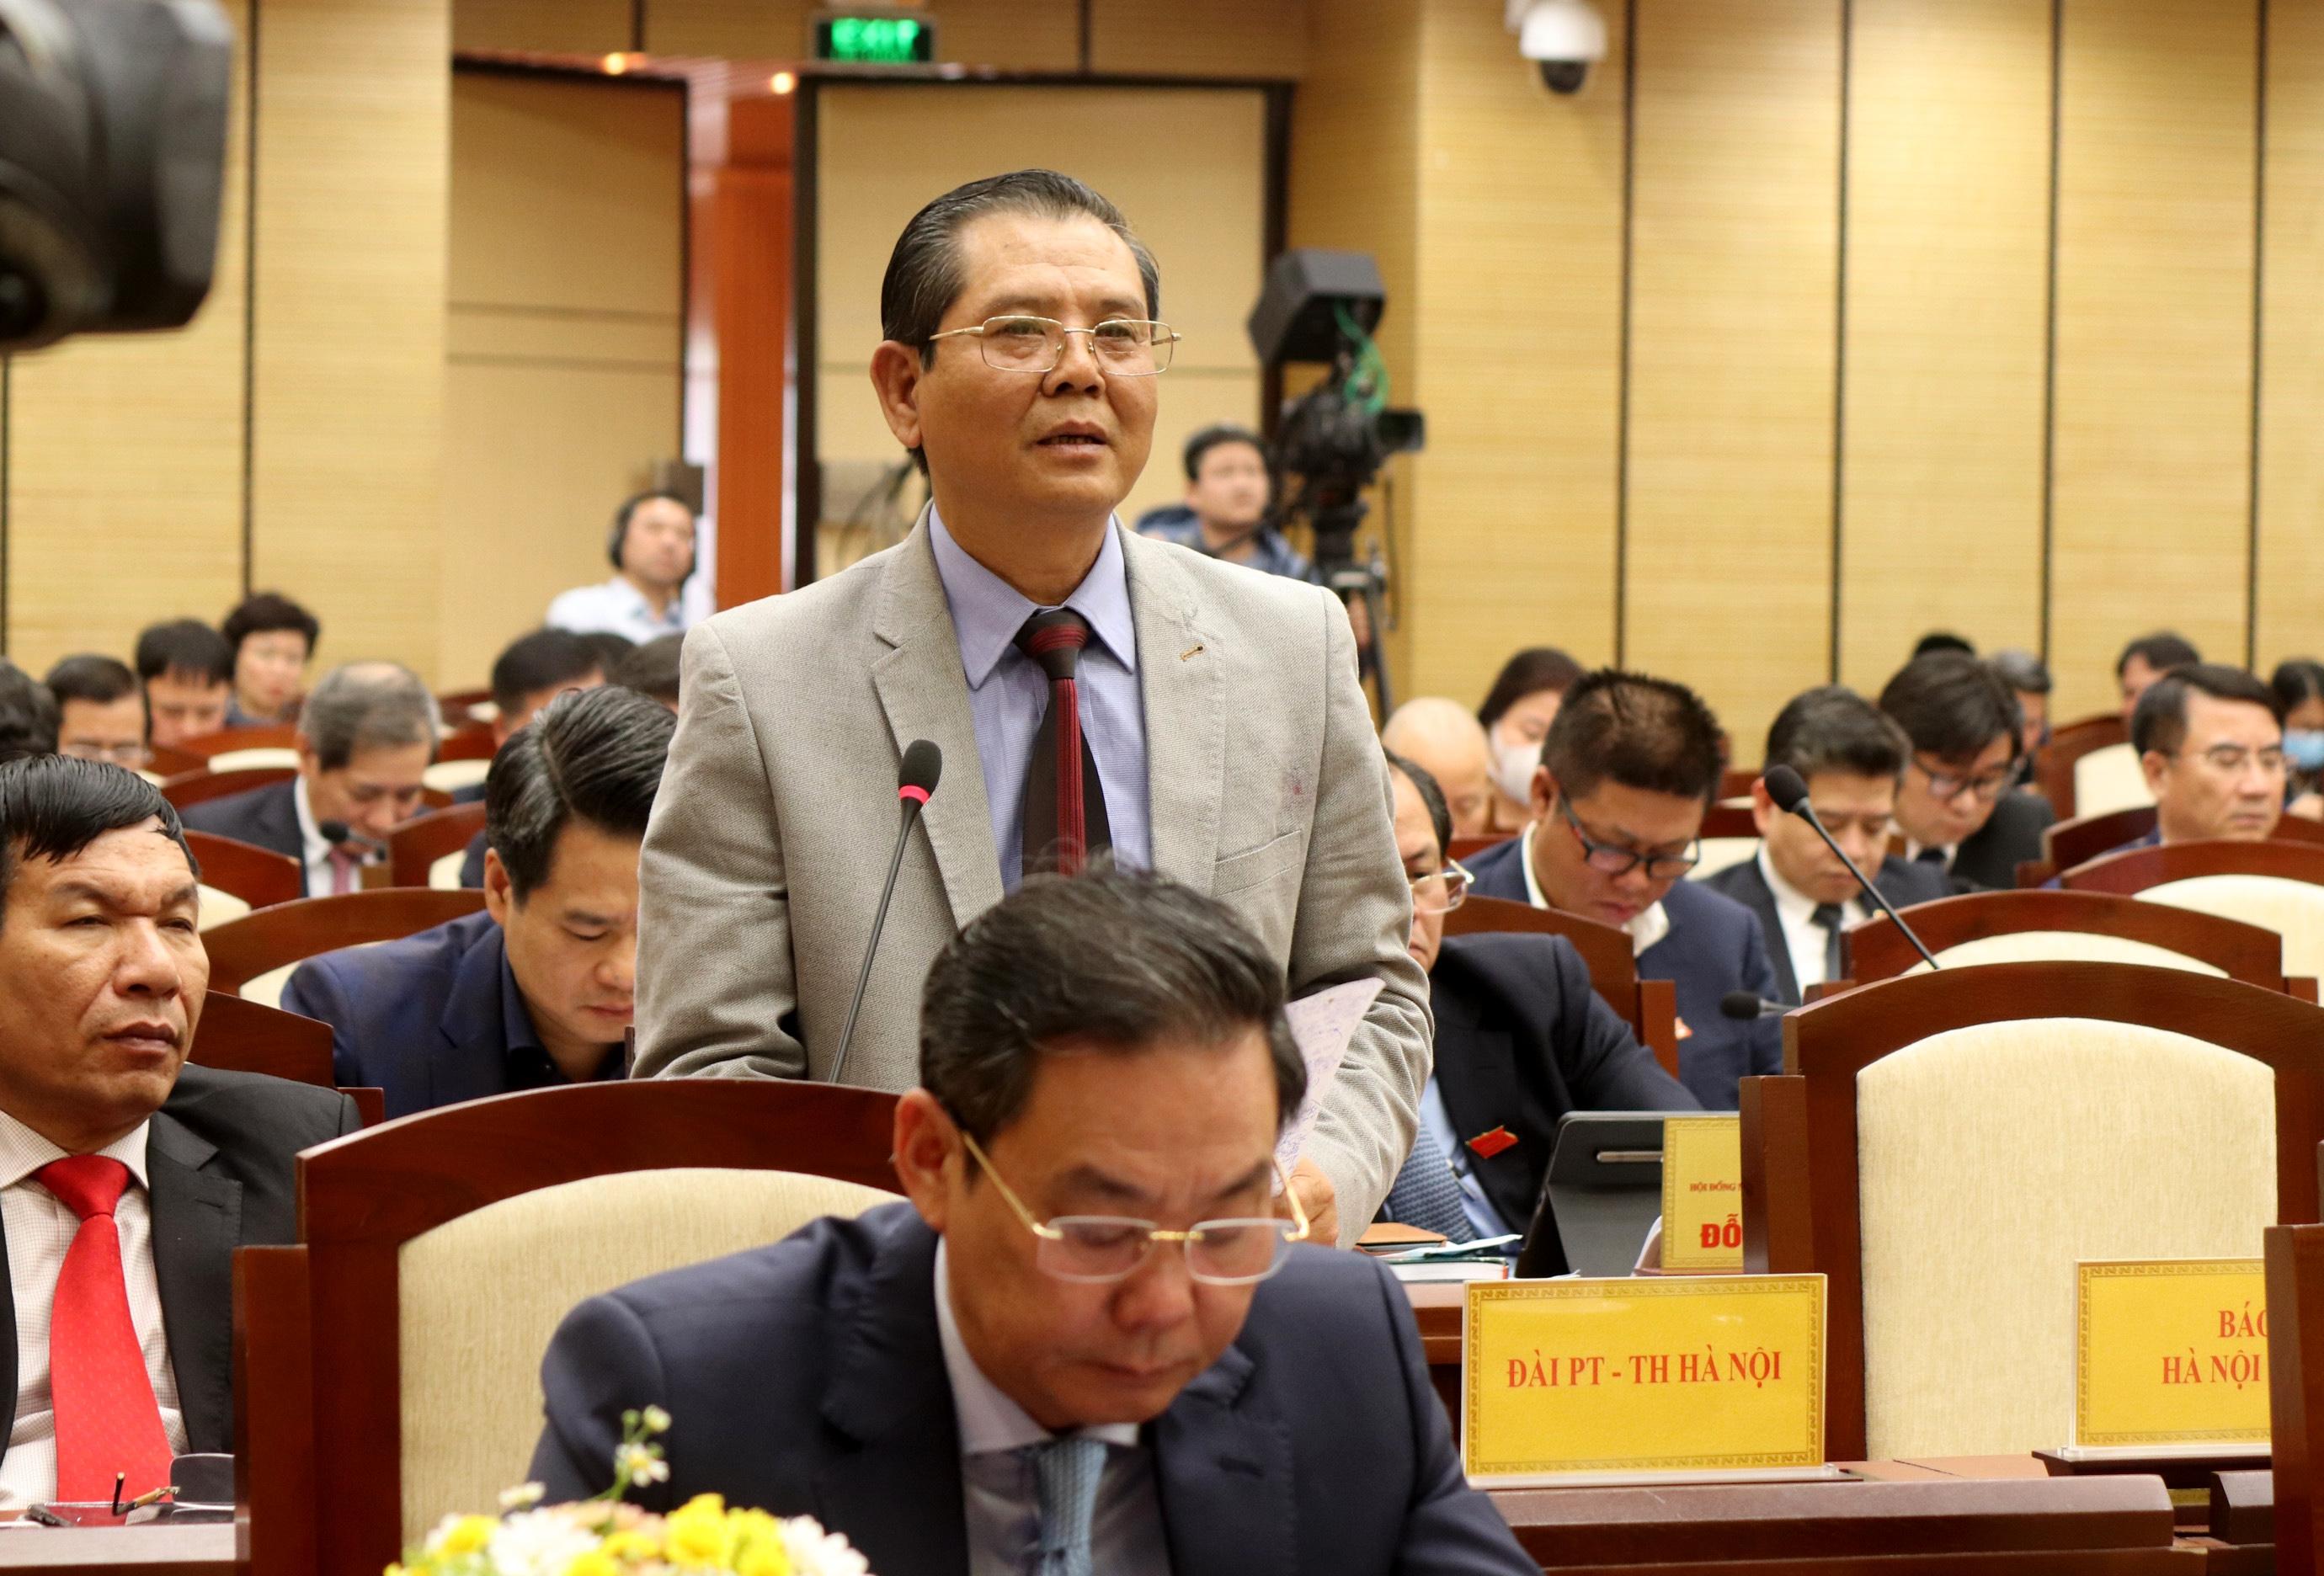 Báo chí Hà Nội tích cực tuyên truyền hai bộ Quy tắc ứng xử của Thành phố